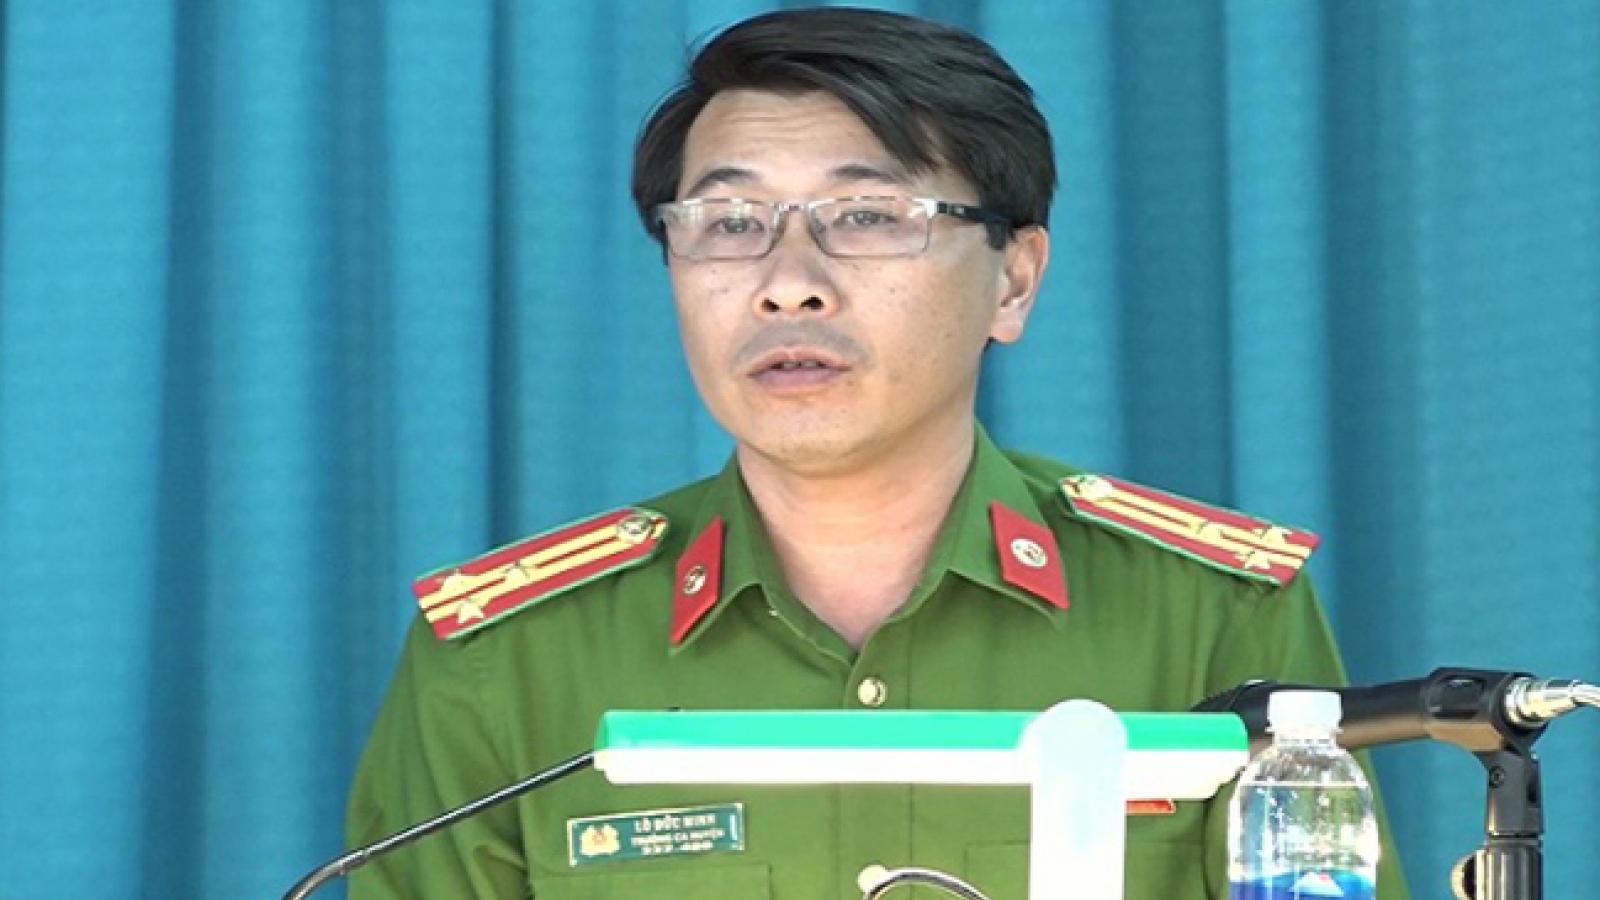 Thanh Hóa xử lý kỷ luật Đảng nguyên Trưởng công an huyện Mường Lát